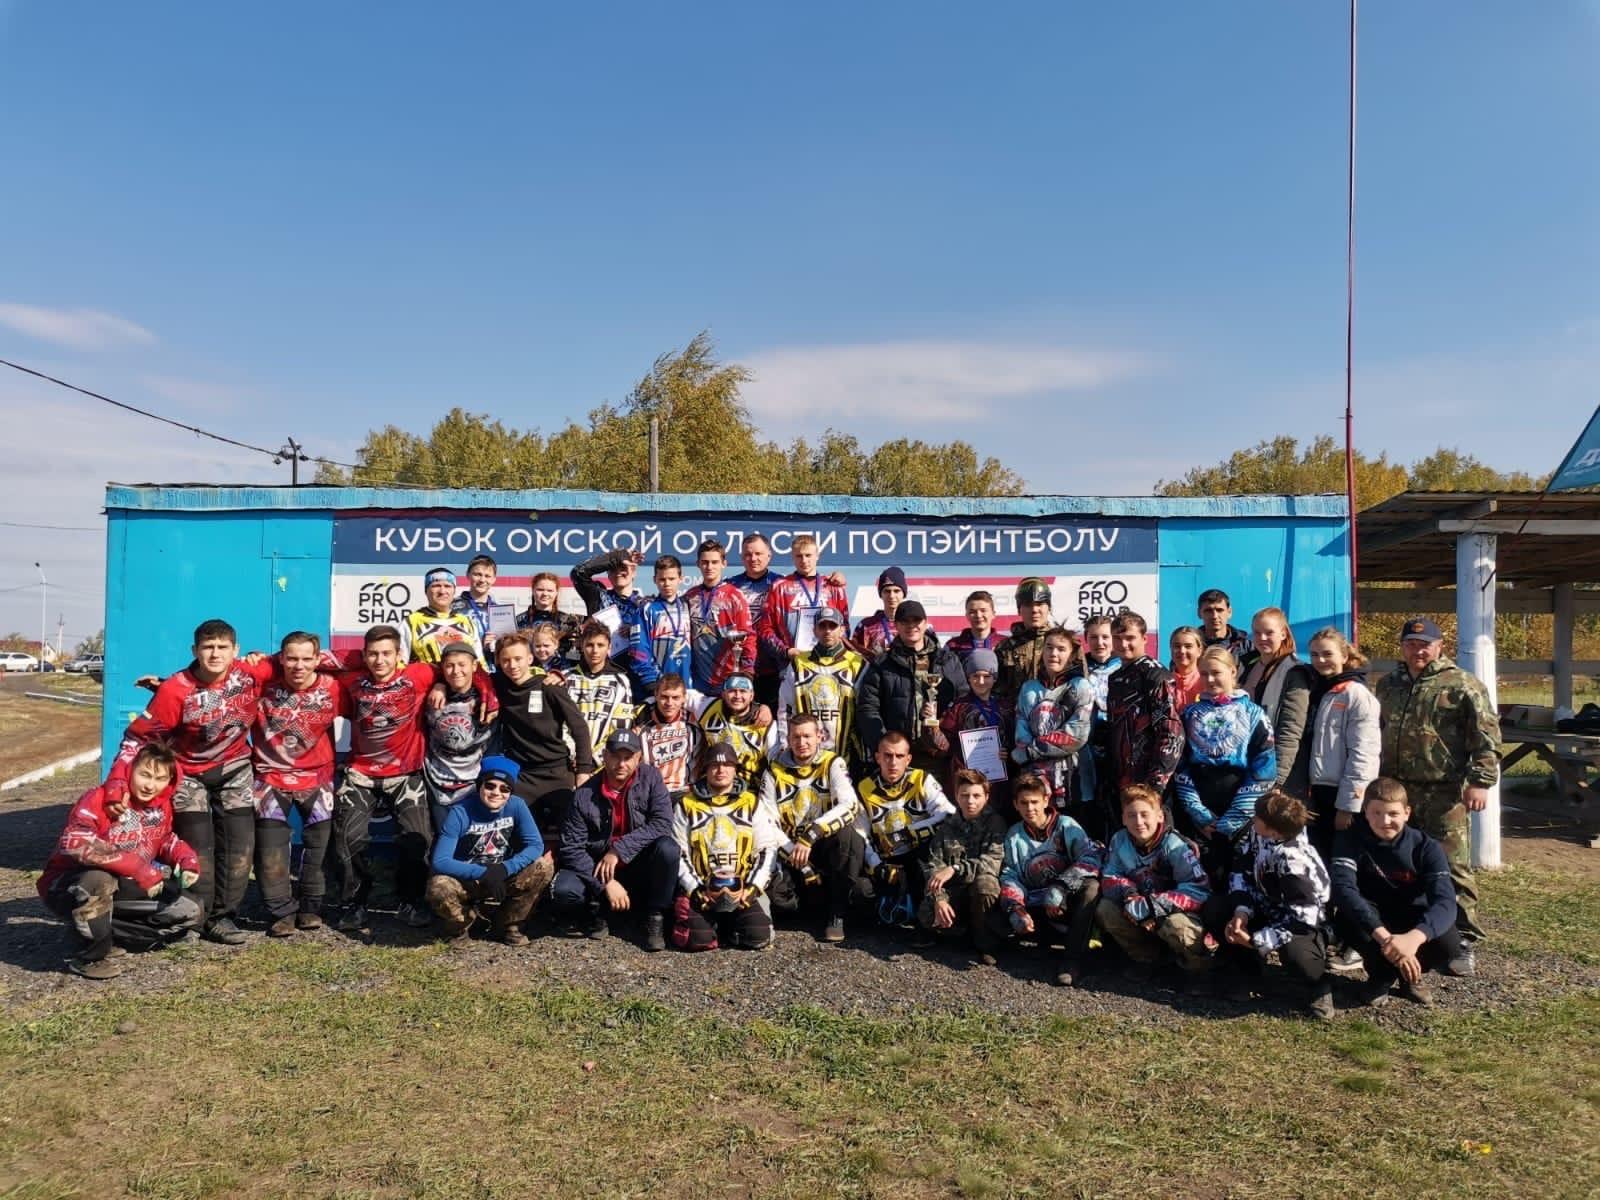 Турнир Кубка Омской области среди юниоров по спортивному пейнтболу.